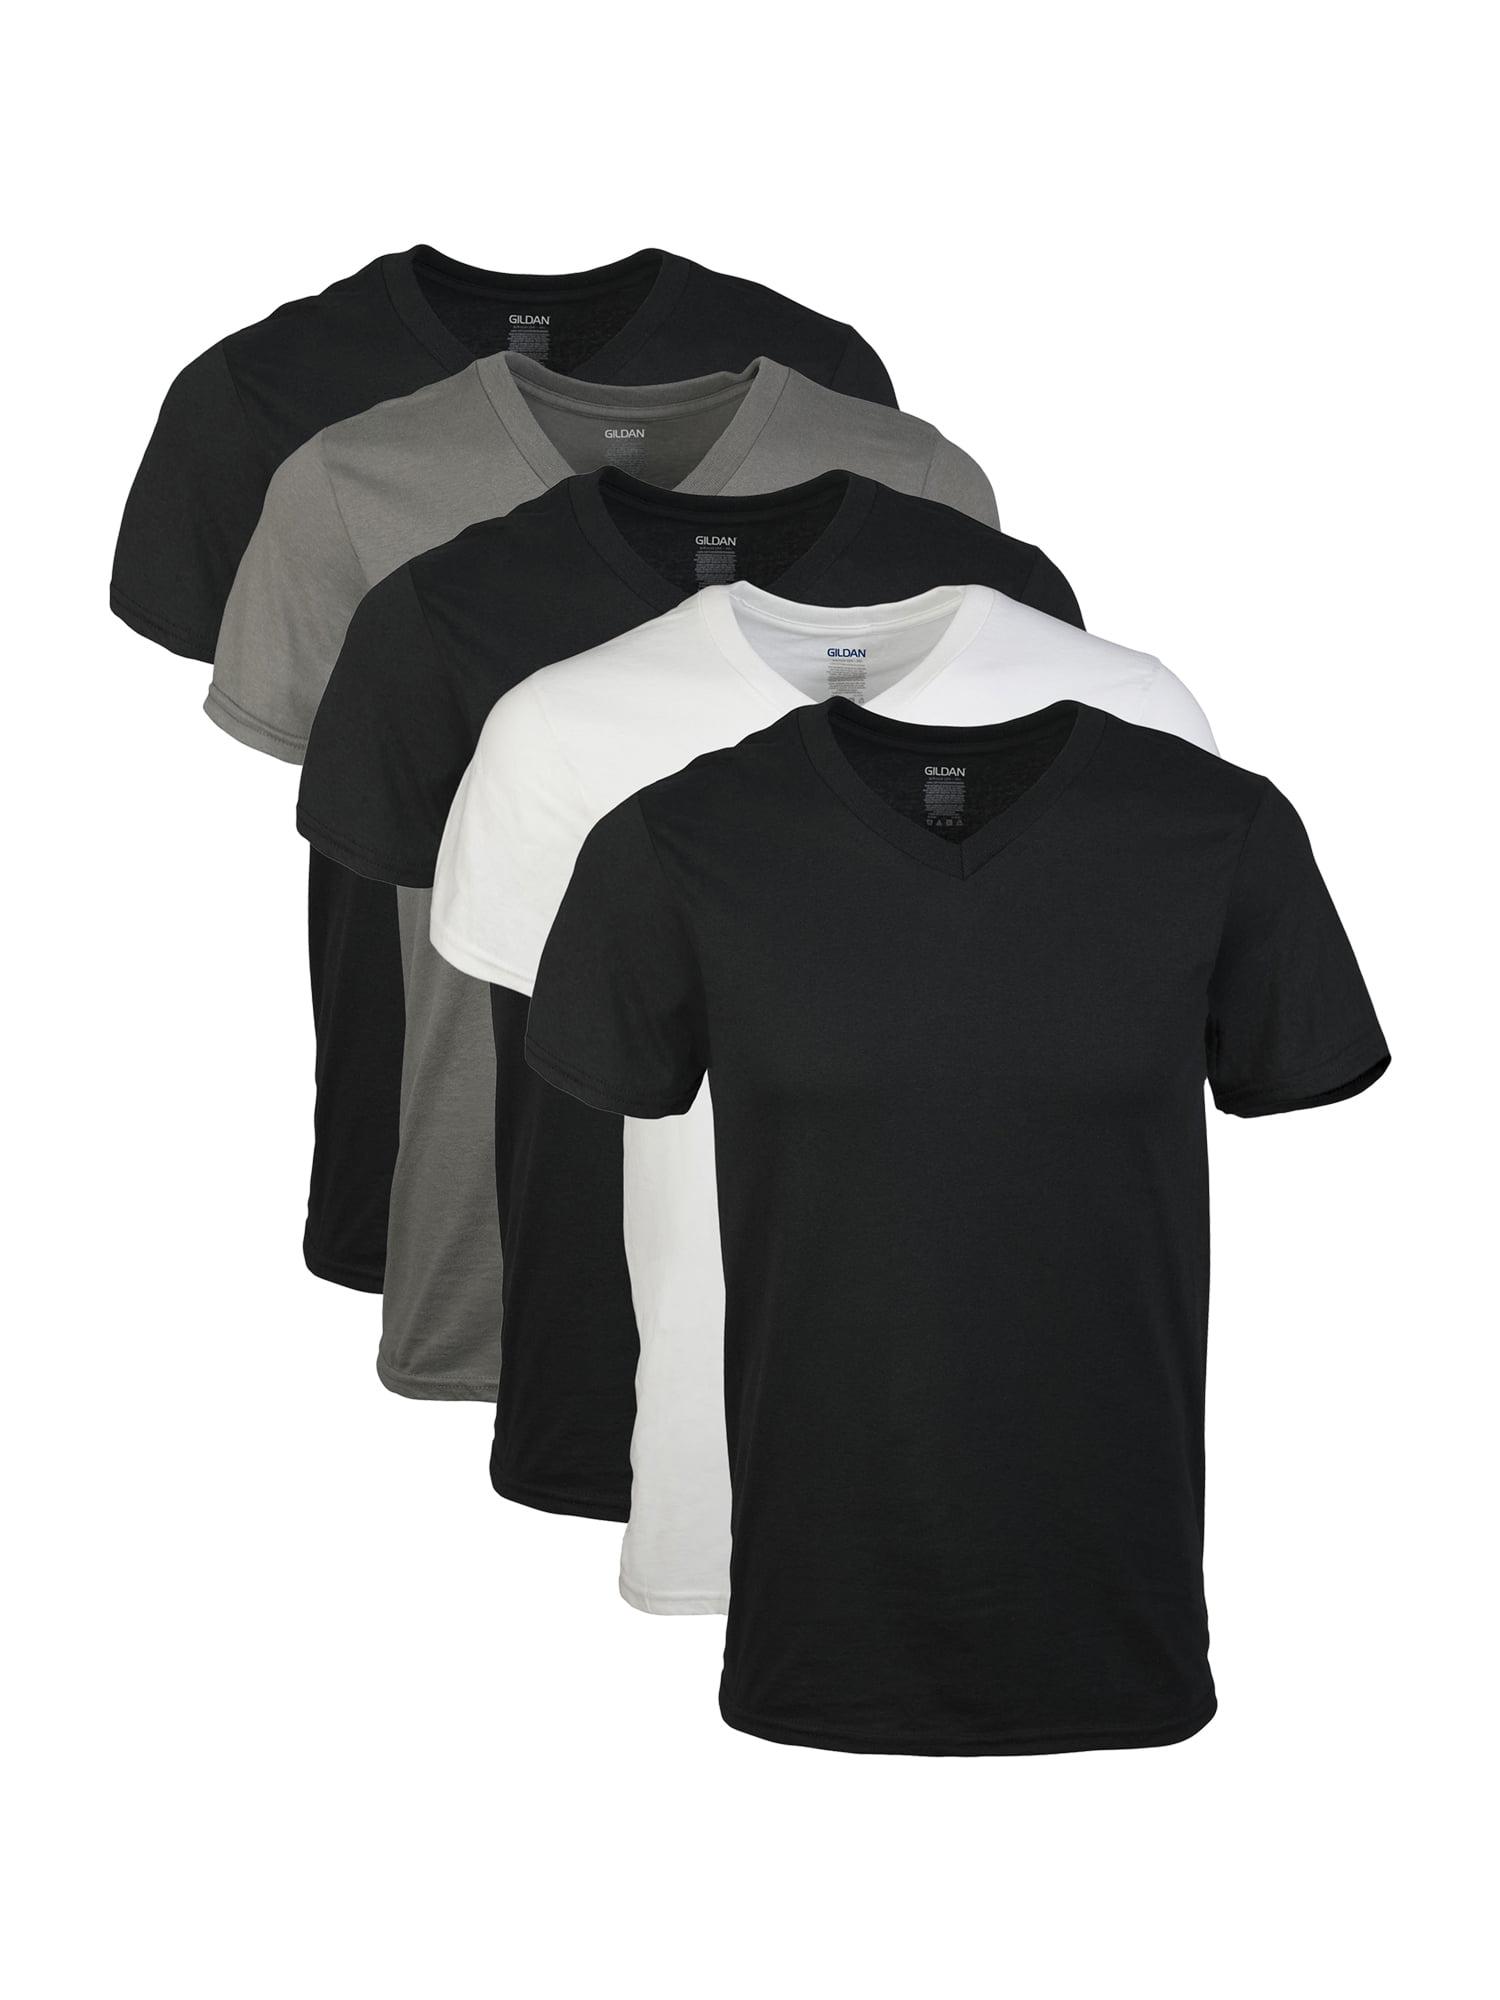 90e10091ddc Gildan - Gildan Mens Short Sleeve V-Neck Assorted Color T-Shirt, 5-Pack -  Walmart.com